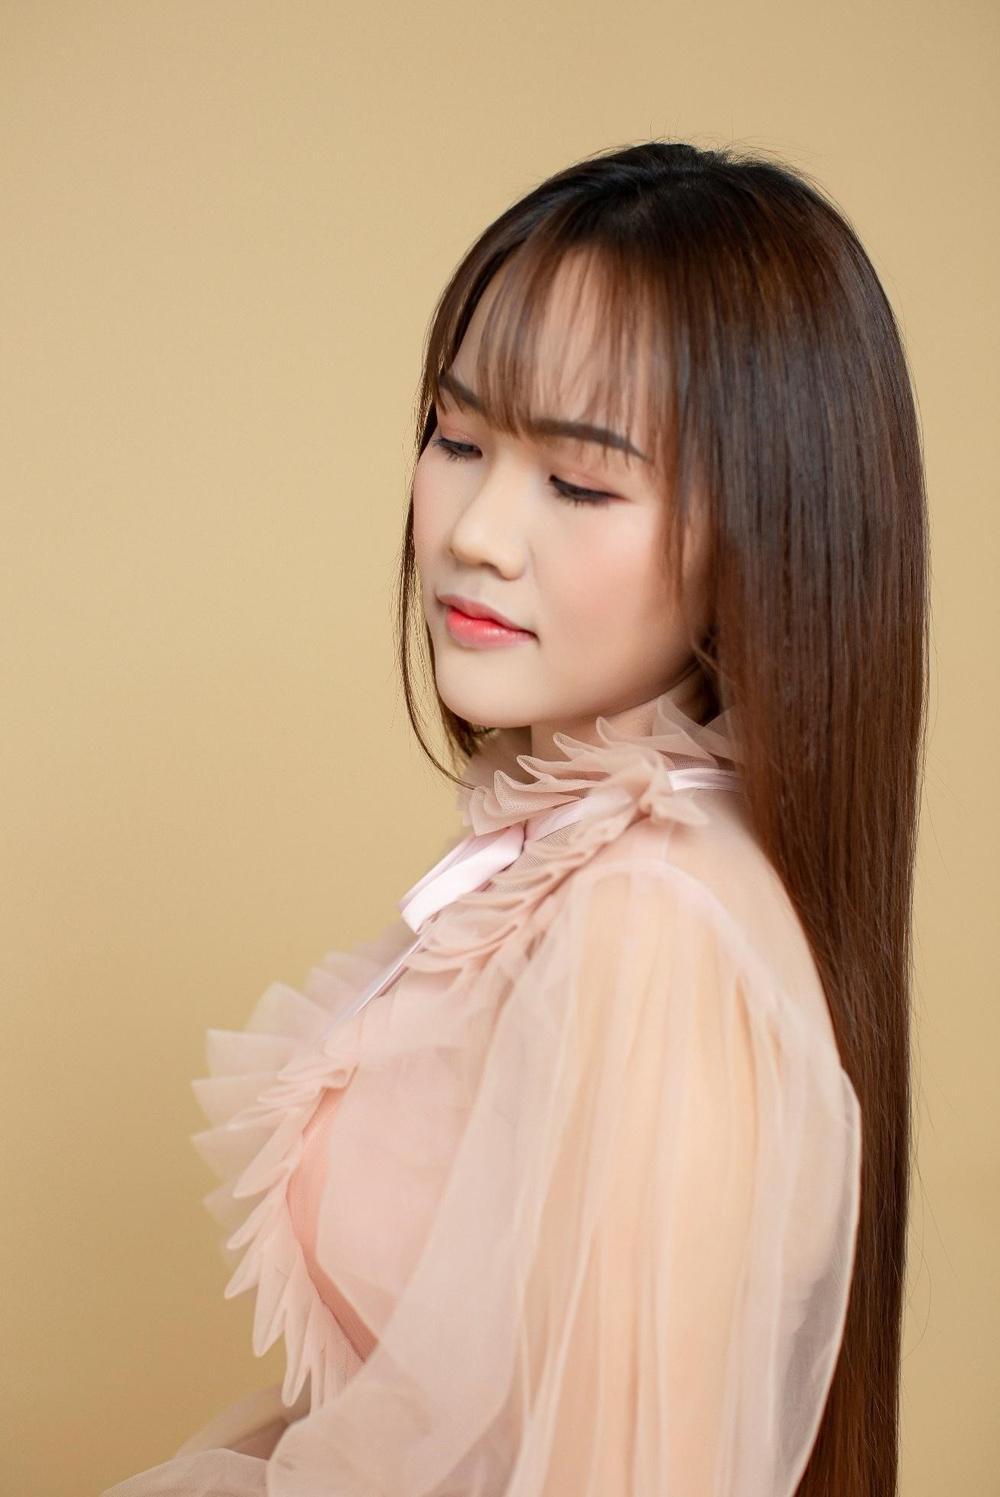 Nhà thiết kế Xuân Nguyễn - Người phụ nữ nặng lòng với truyền thống dân tộc Ảnh 1